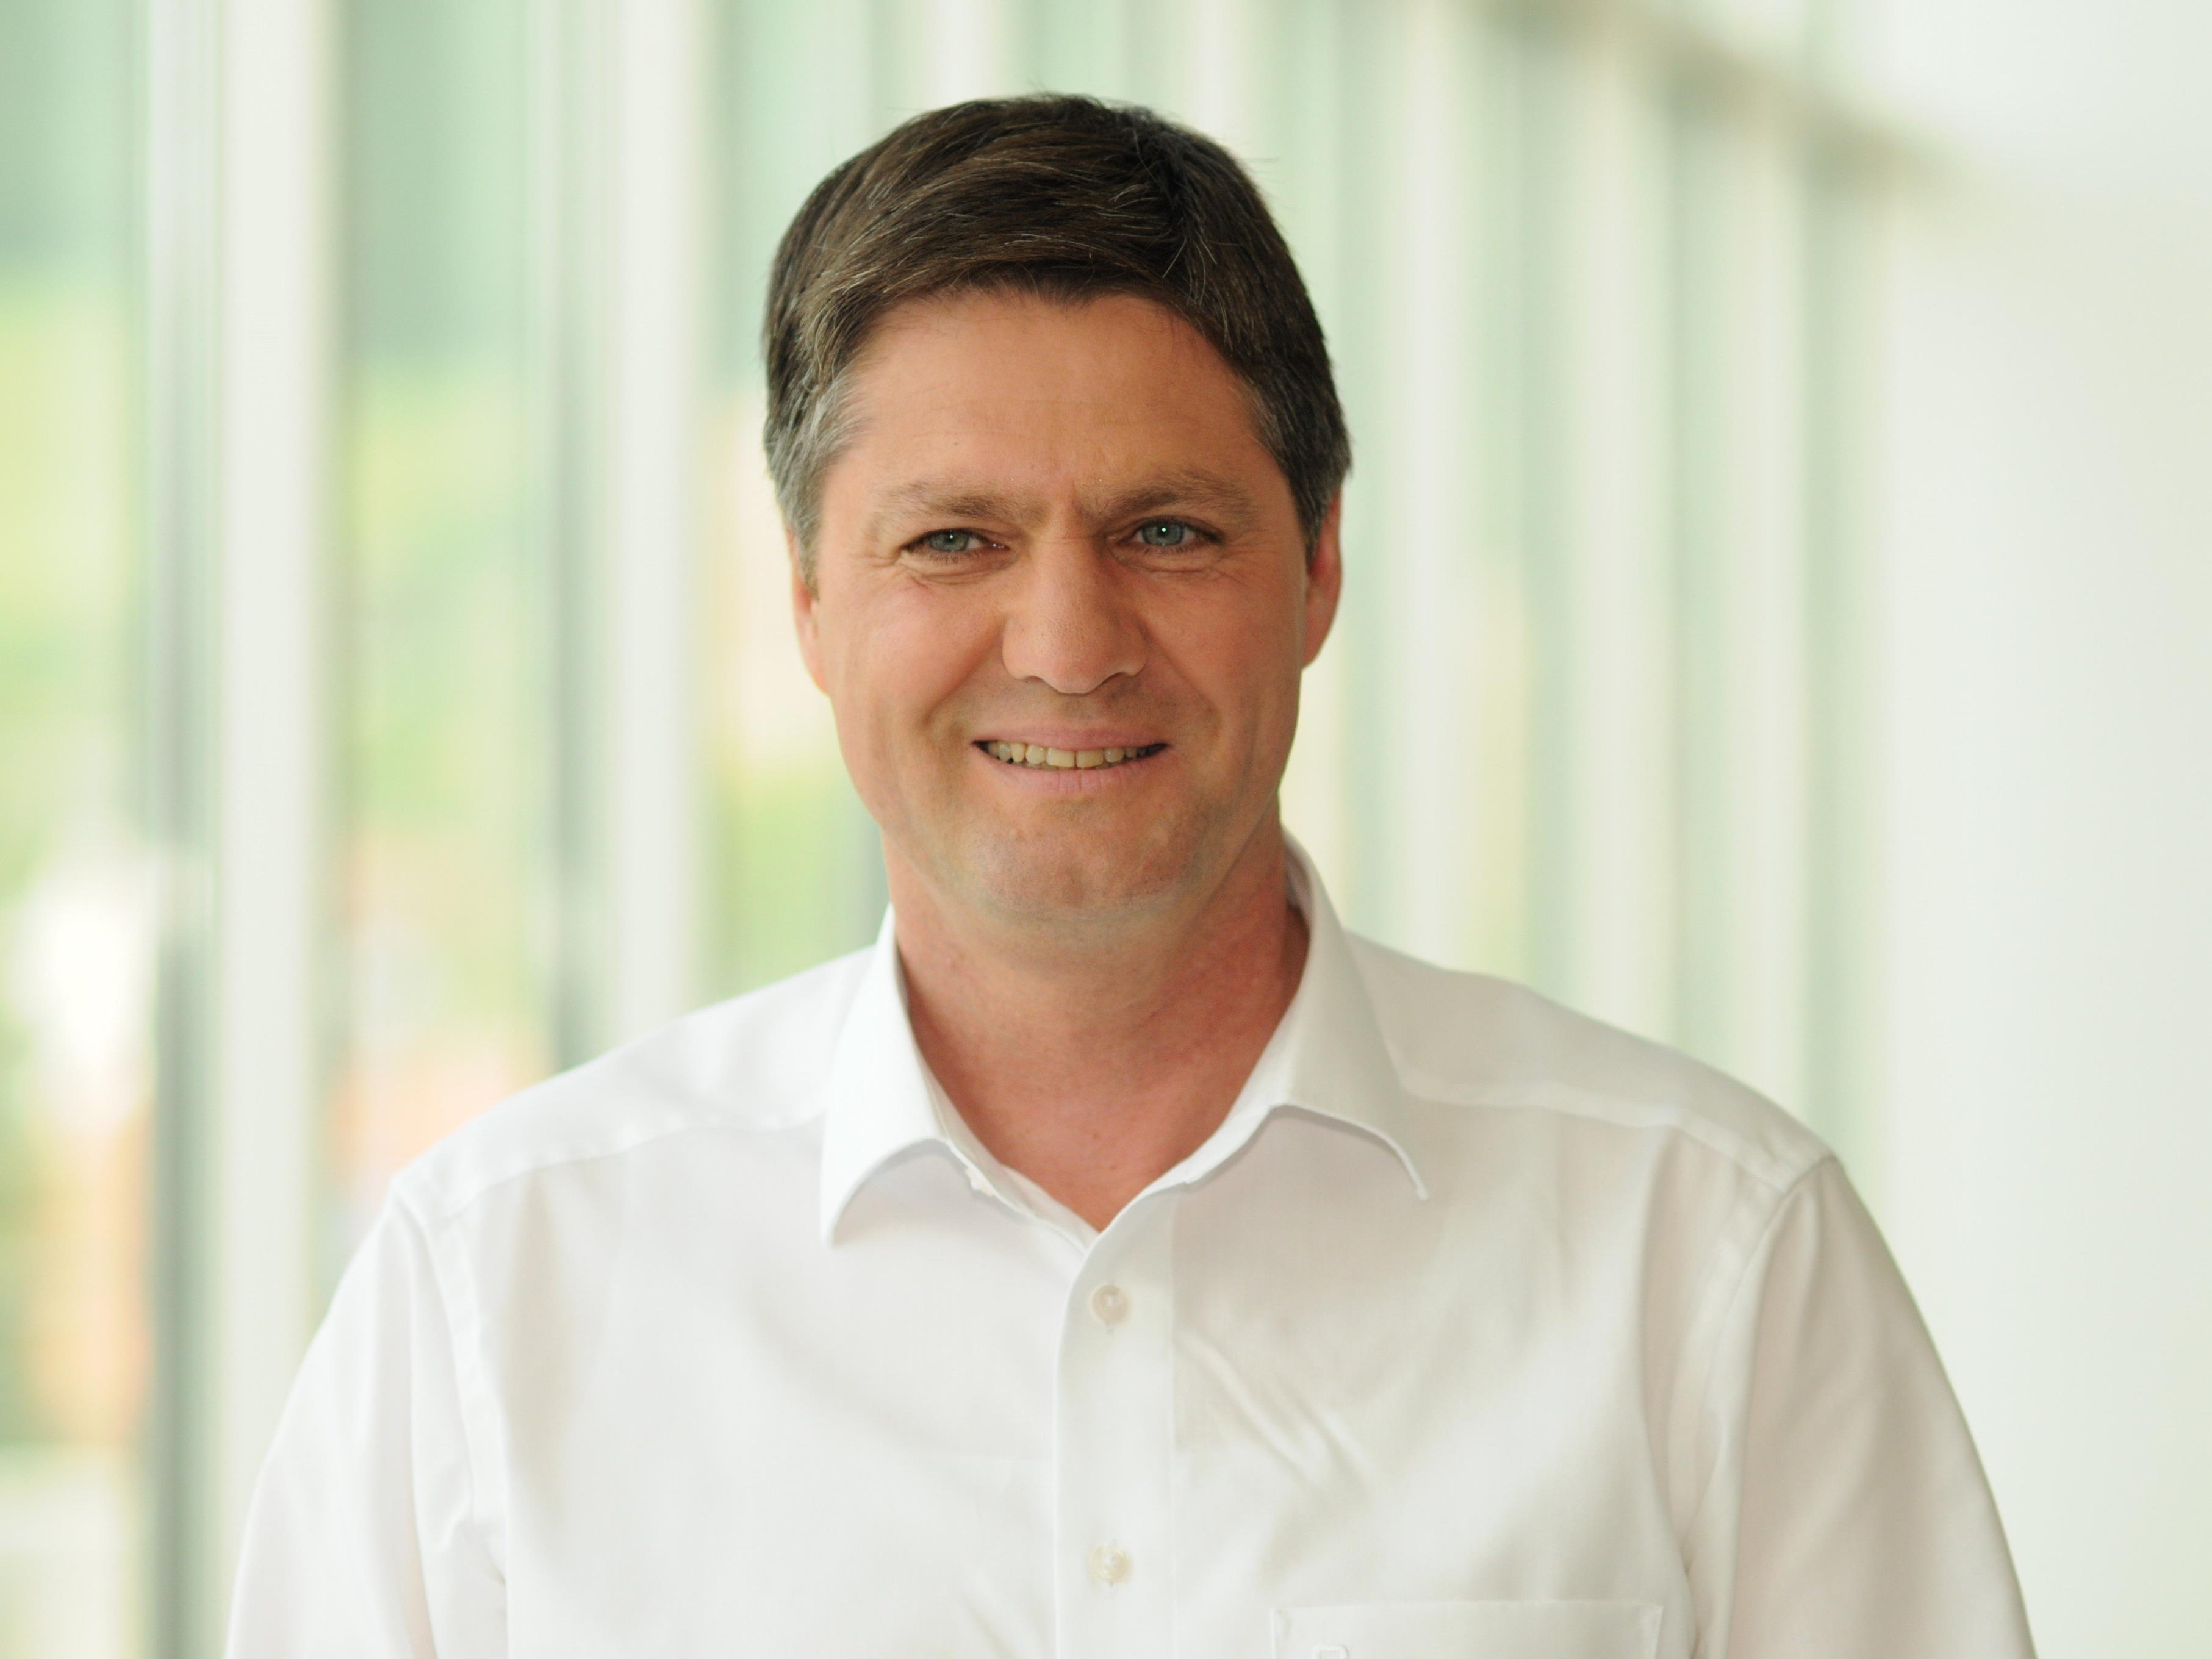 Daniel Allgäuer als FPÖ Bezirksparteiobmann wiedergewählt